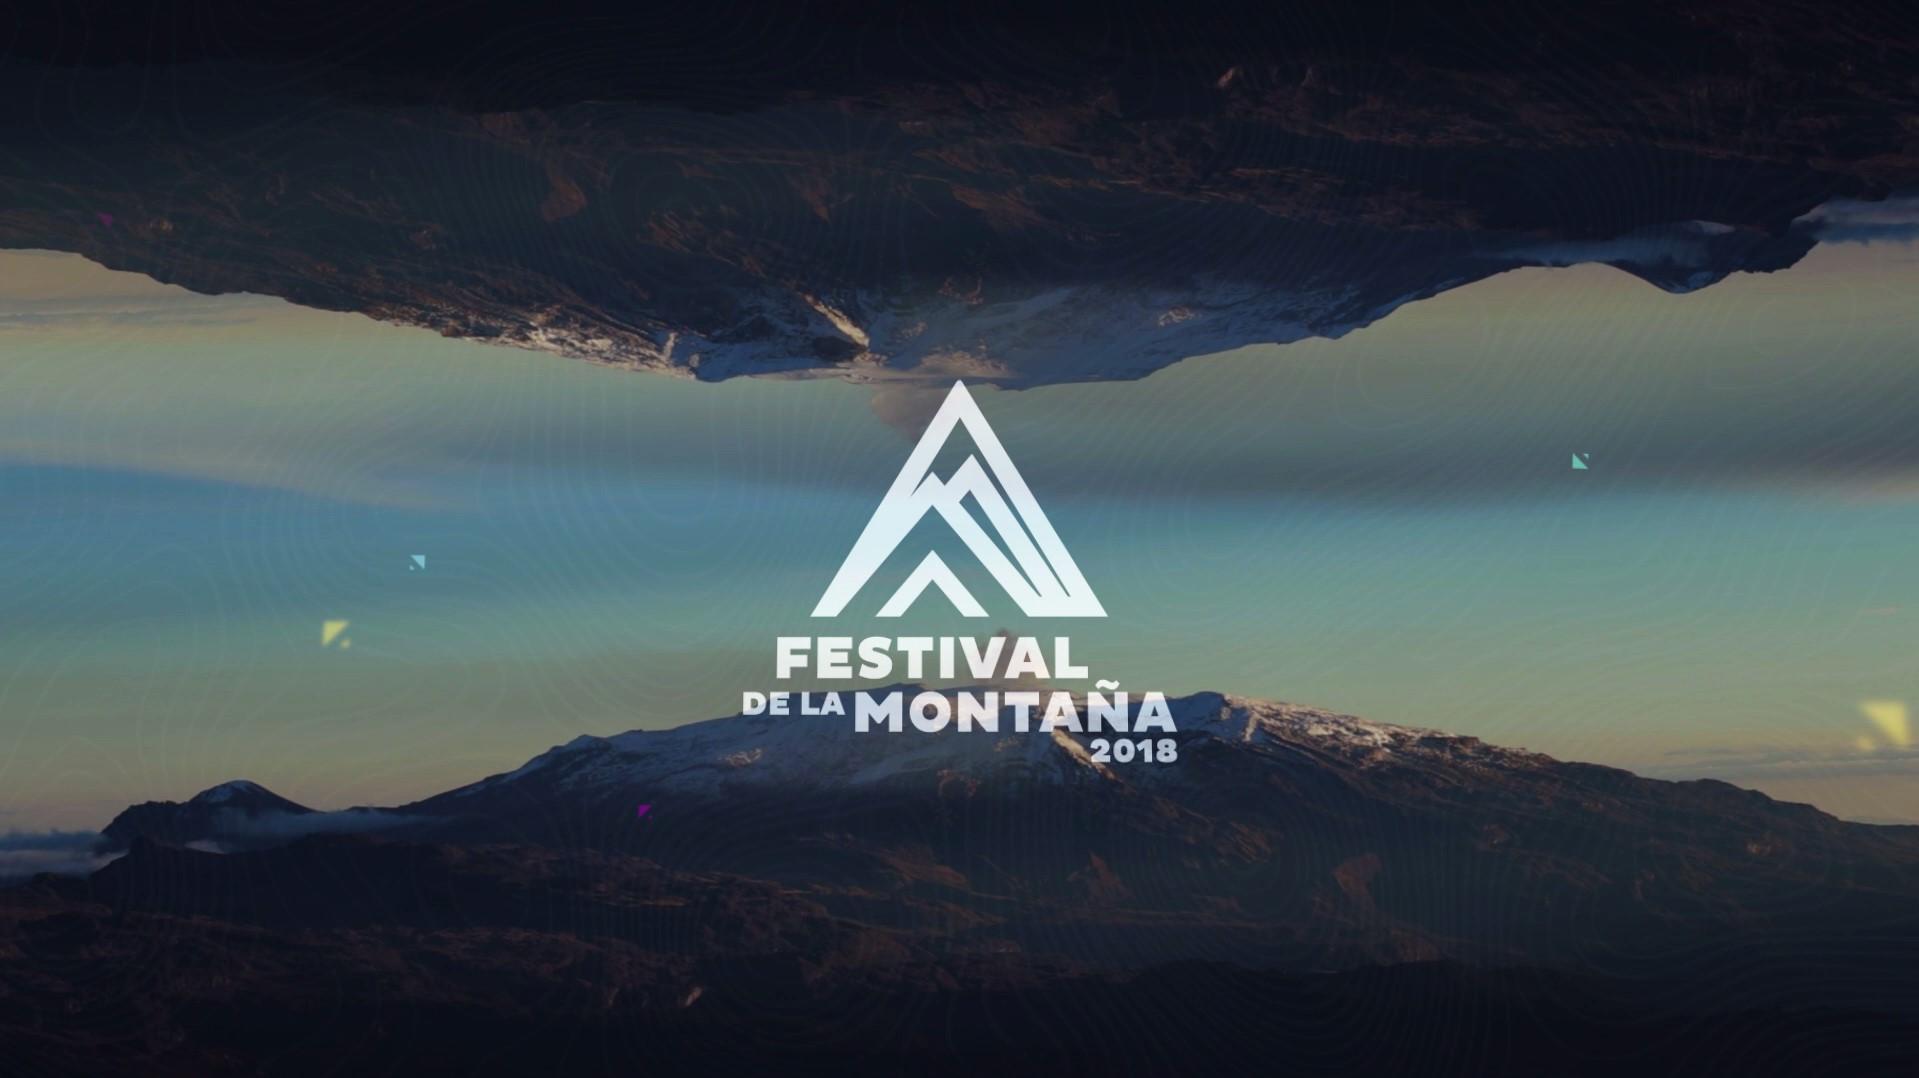 Festival de la Montaña 2018